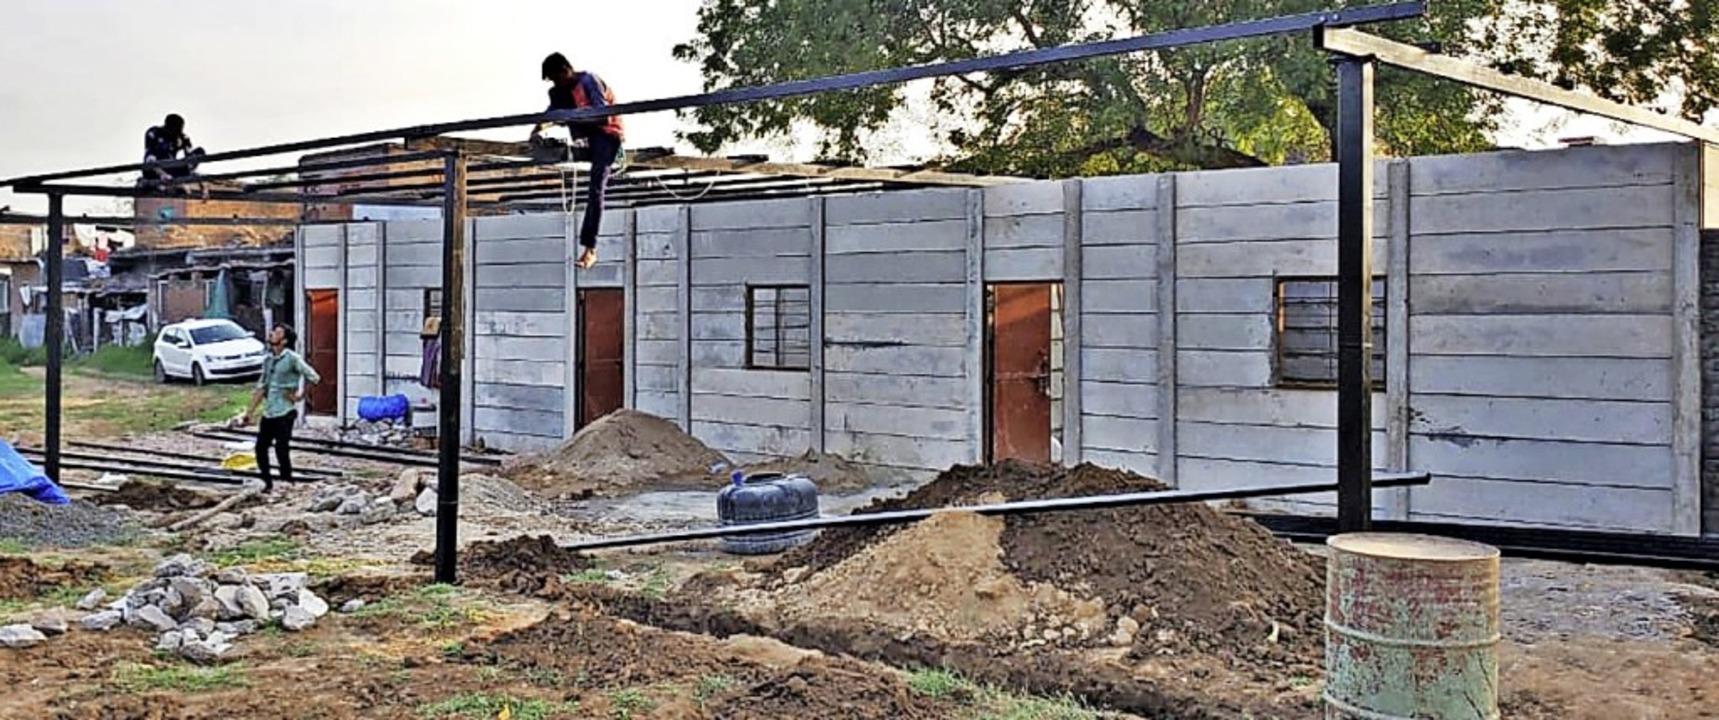 Langsam nimmt die Unterkunft für Perso...d wird von Spendengeldern finanziert.   | Foto: Privat